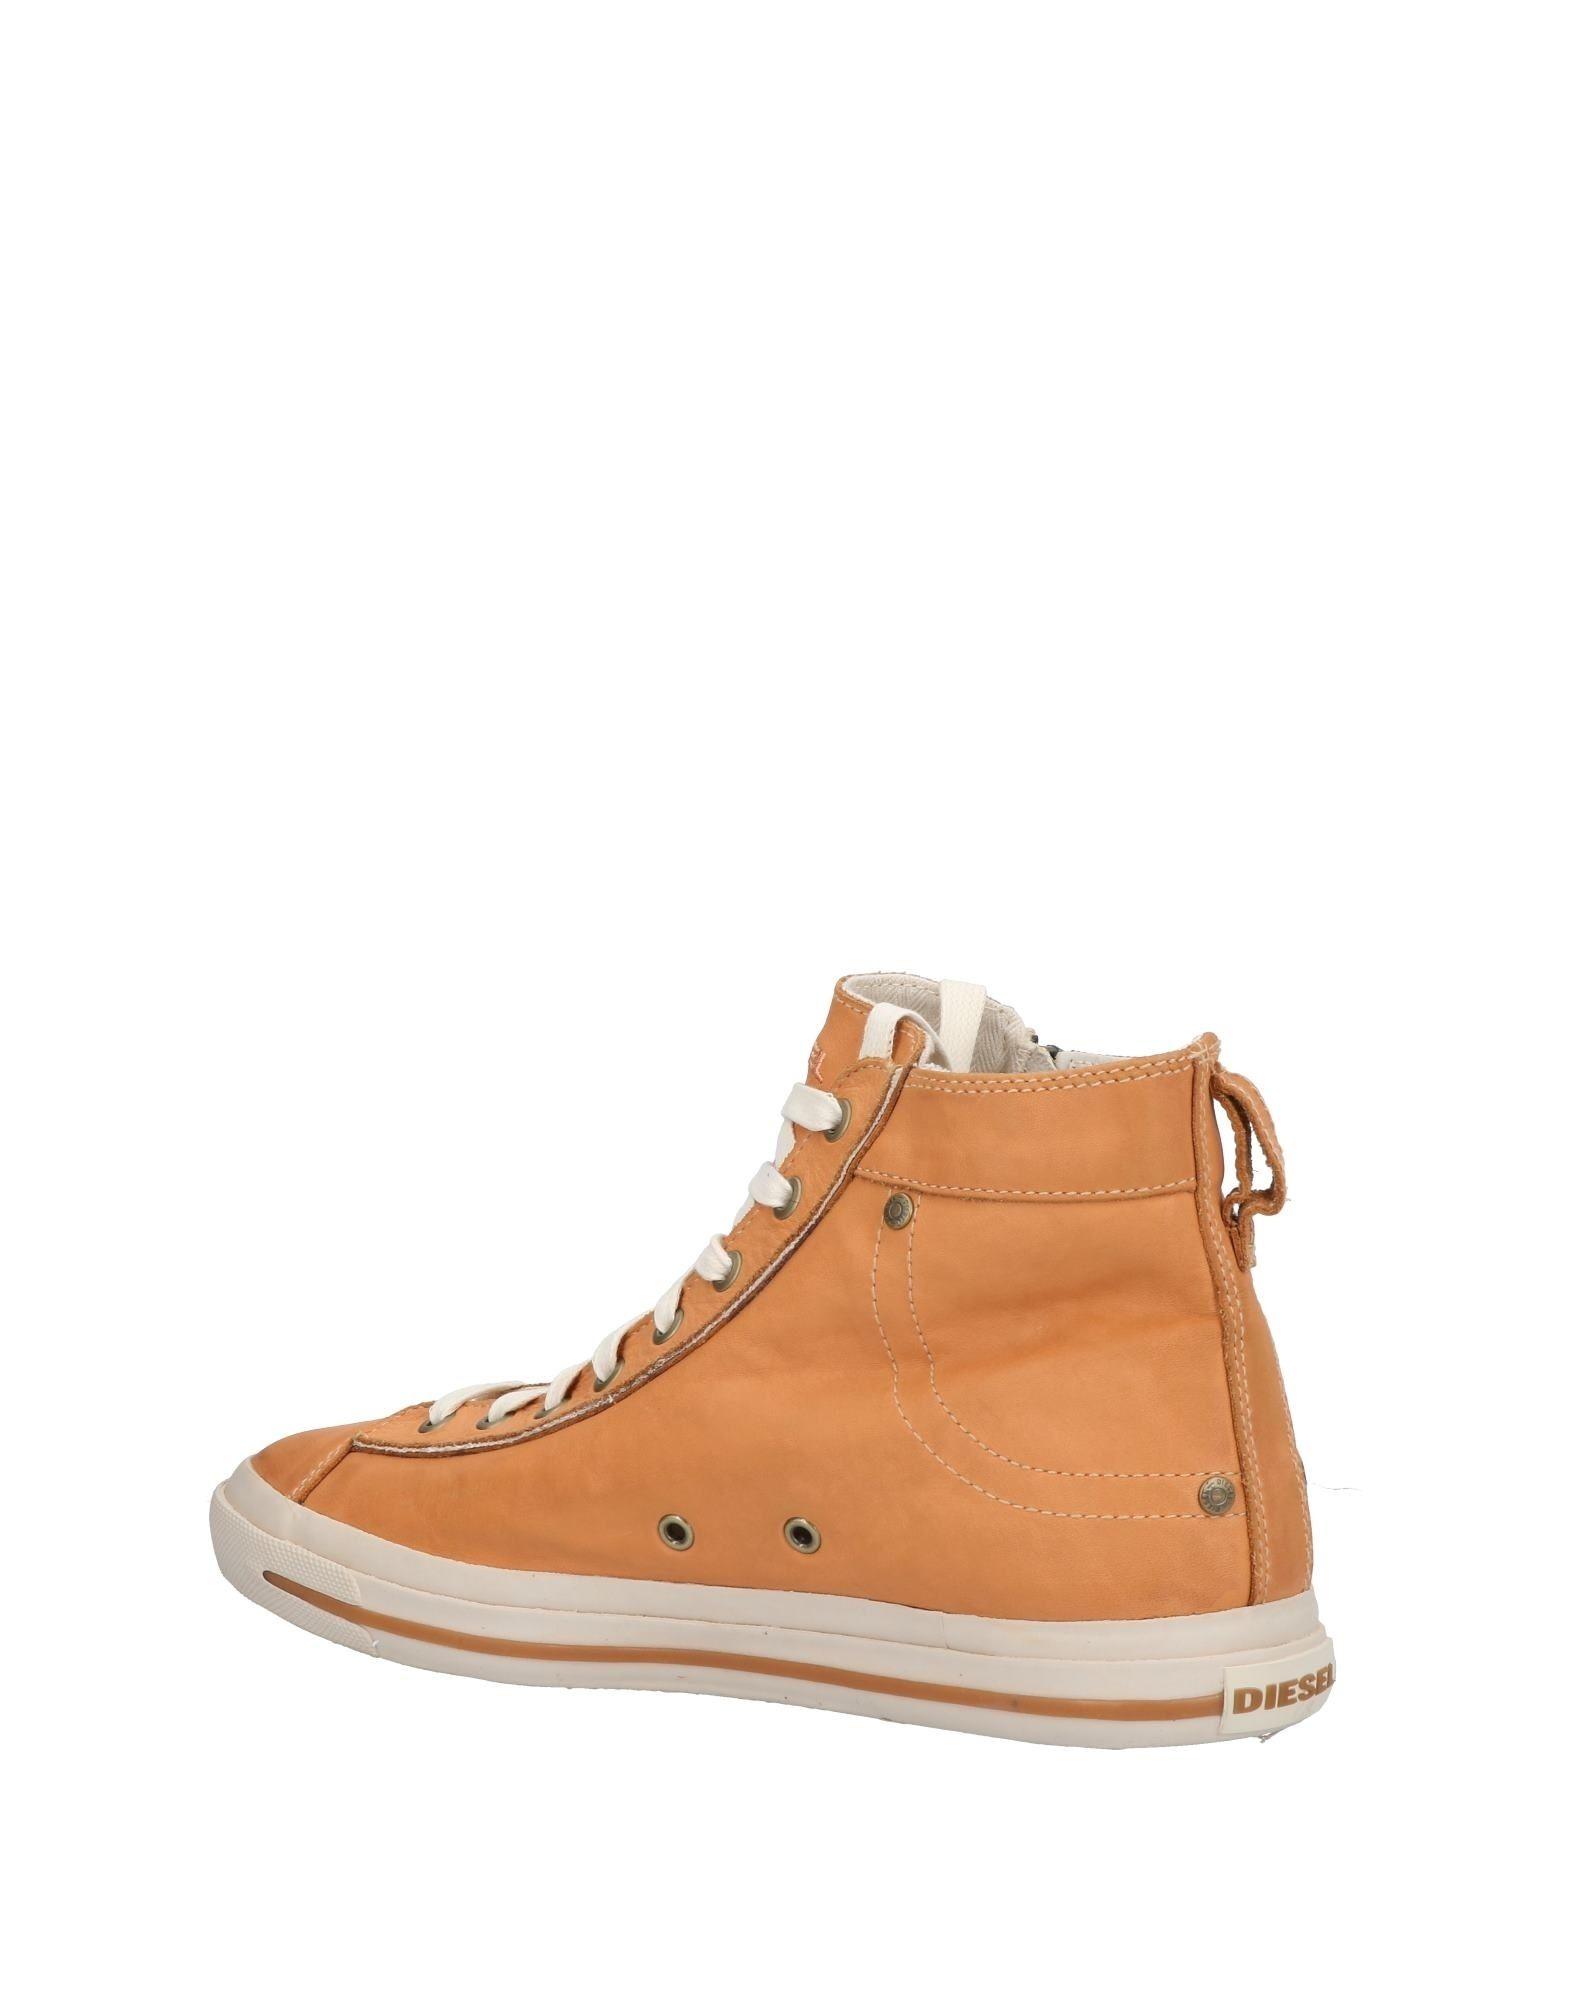 Diesel Sneakers Sneakers Diesel Herren  11414716DF 0a3dec